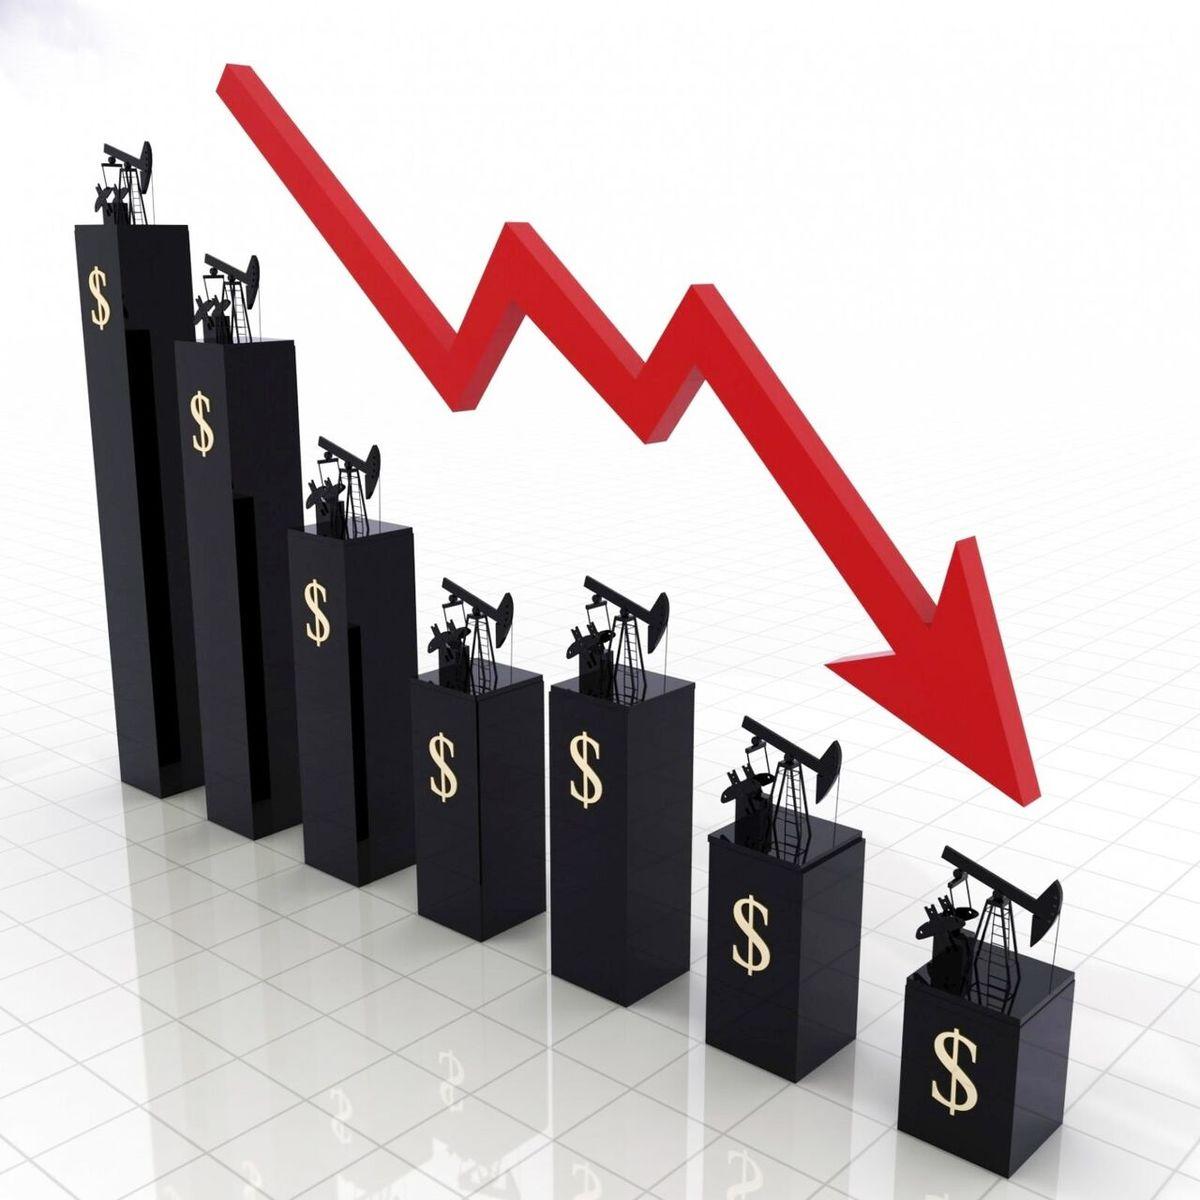 قیمت نفت در آستانه نشست اوپک پلاس کاهش یافت